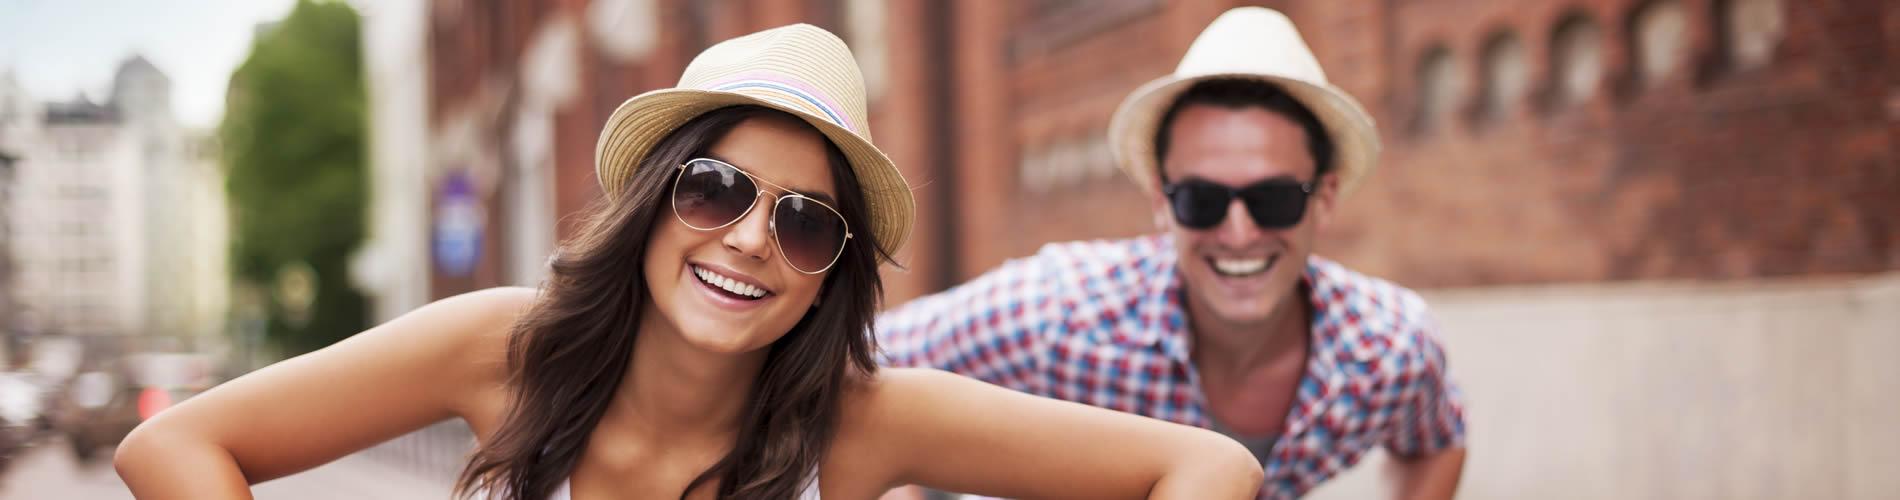 Paar mit Sonnenbrille - Optik Zach Aschaffenburg